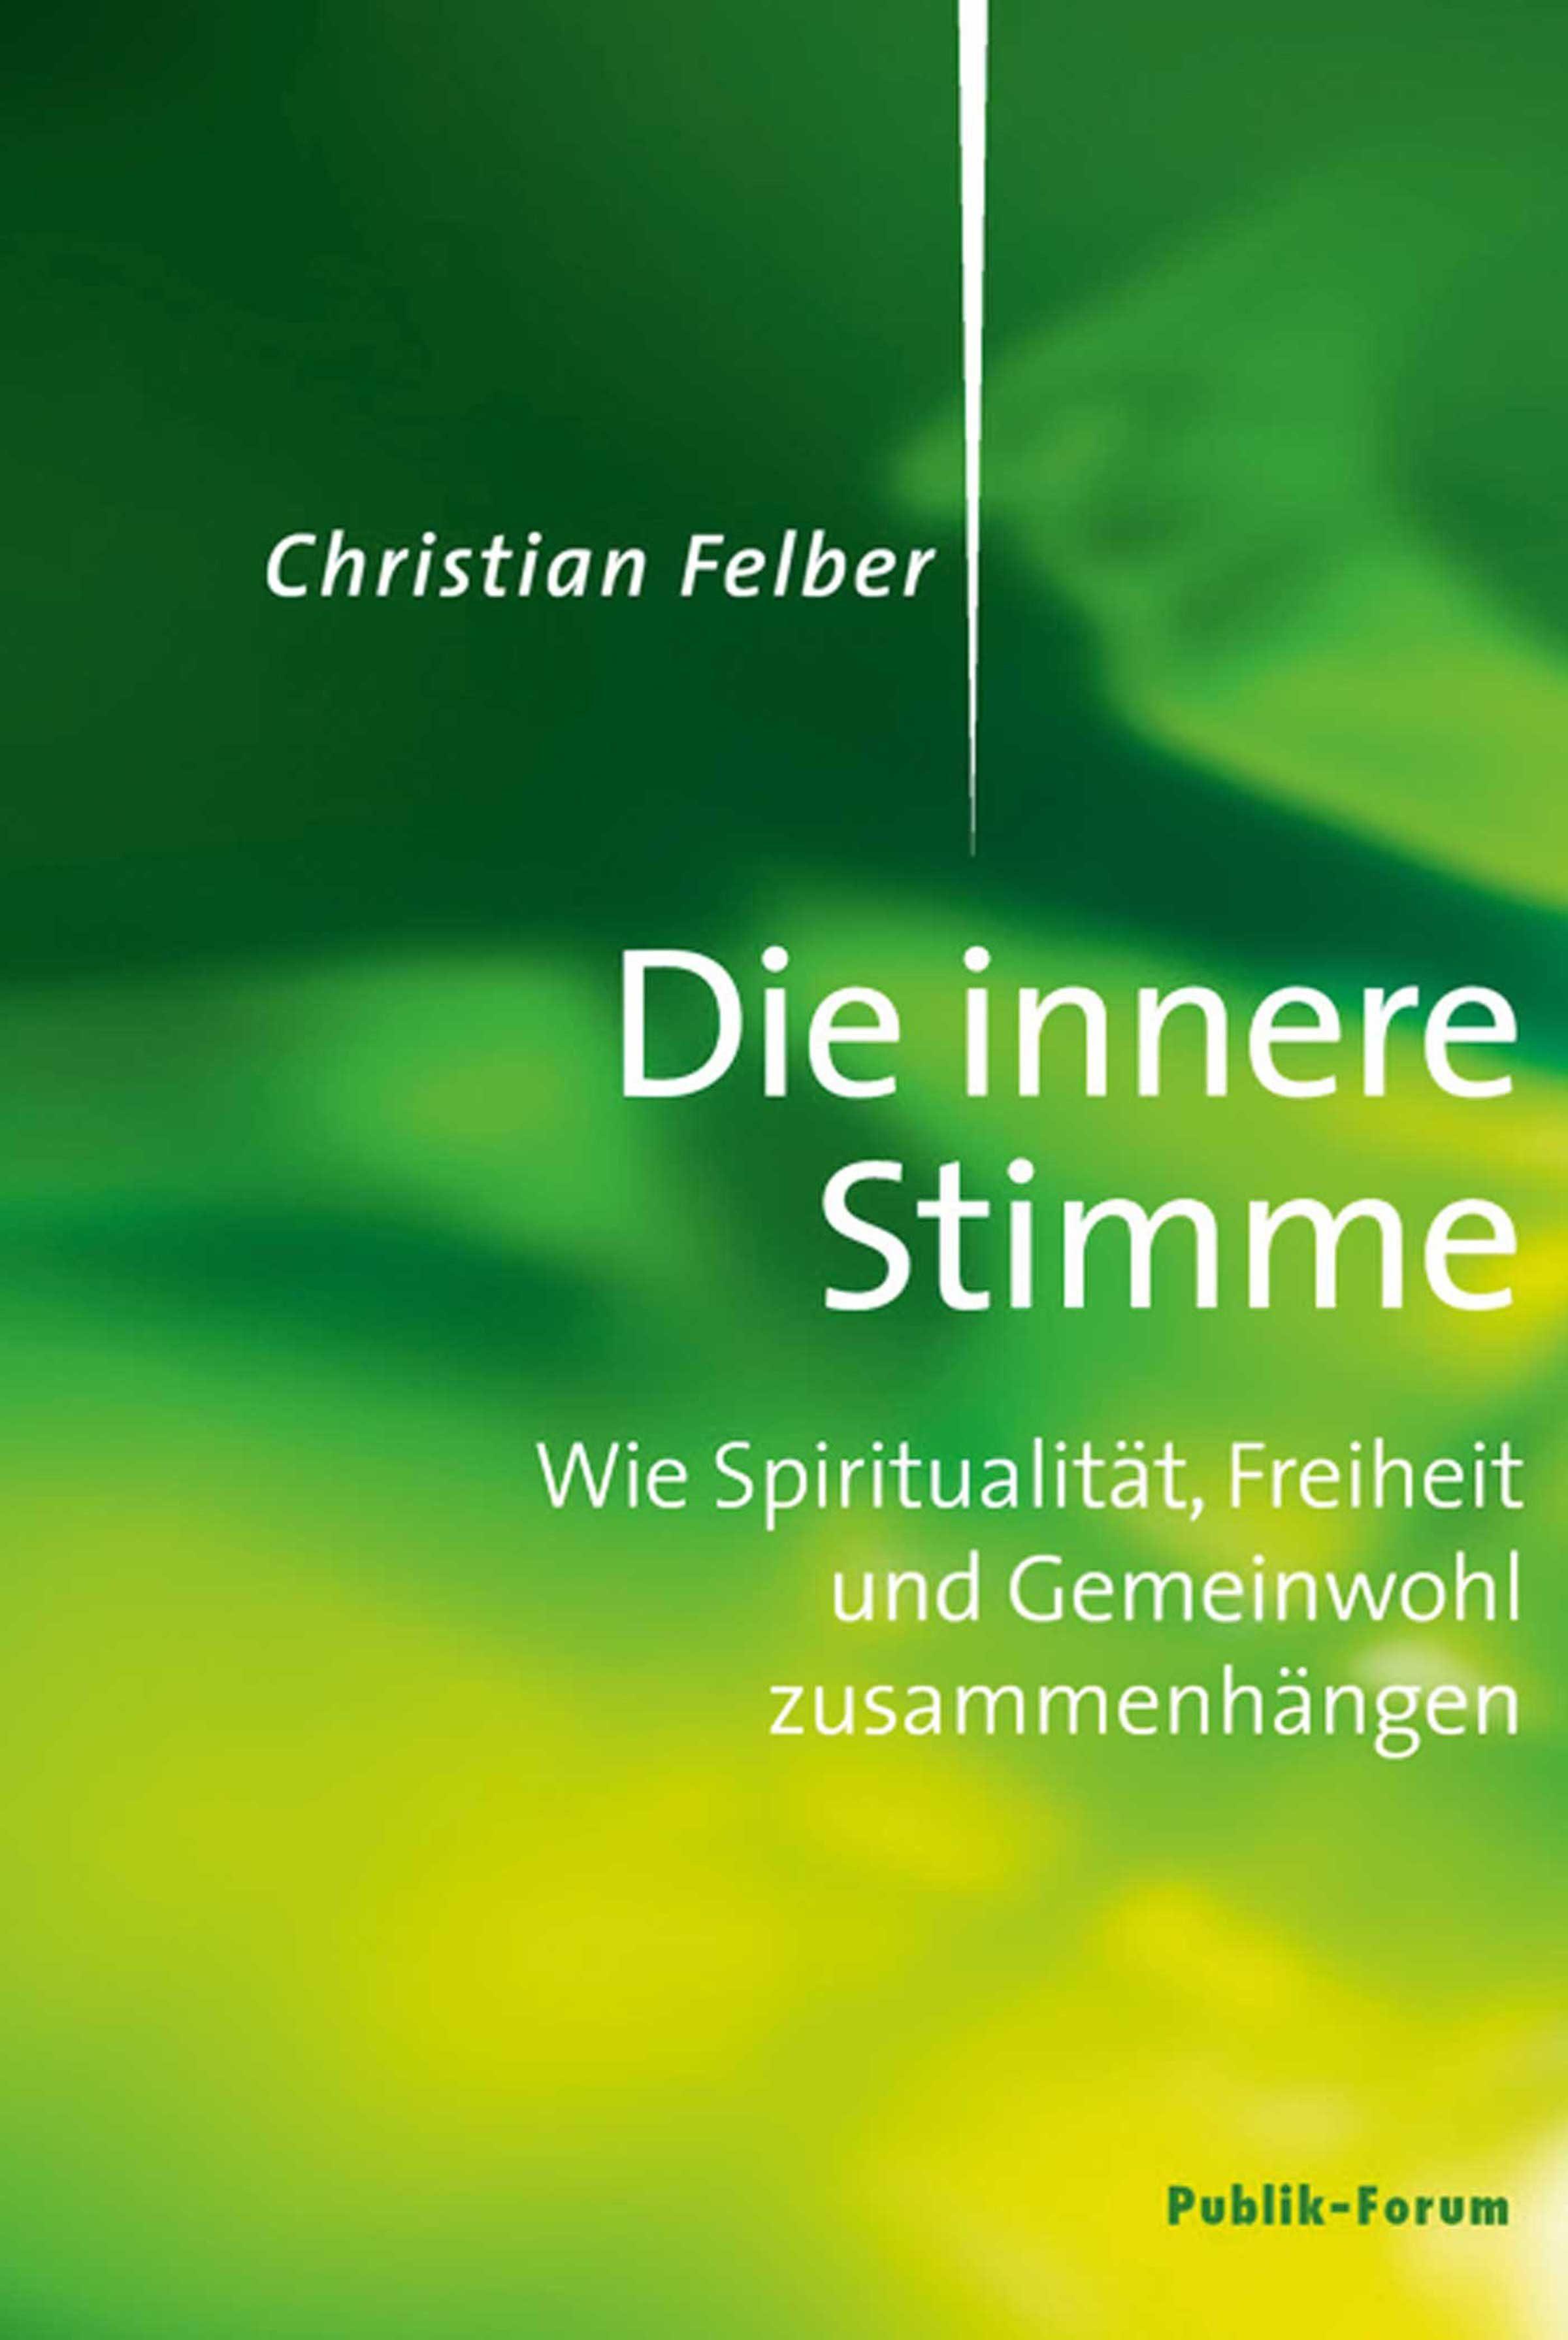 Die innere Stimme (ebook)